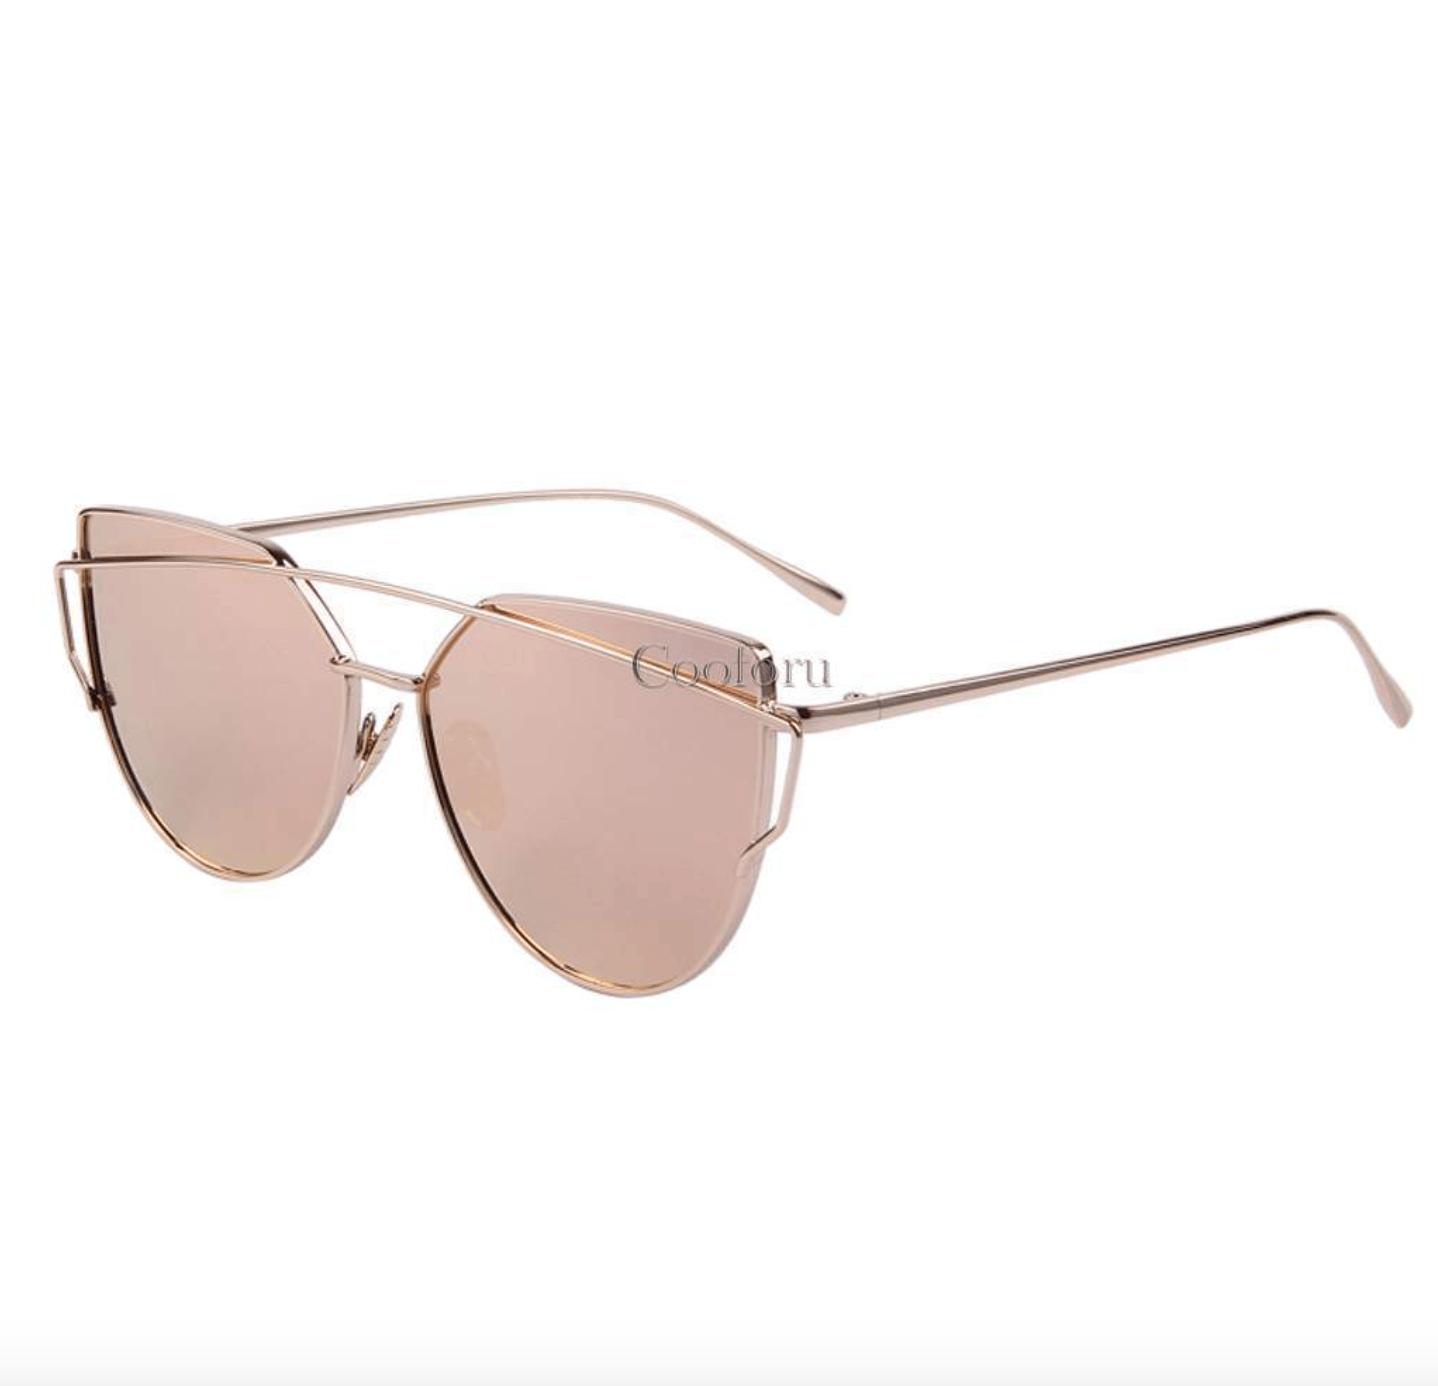 Demi-cadre / lunettes de soleil / visage rétro / rond / lunettes de soleil / travel / beach / sun glasses , 4